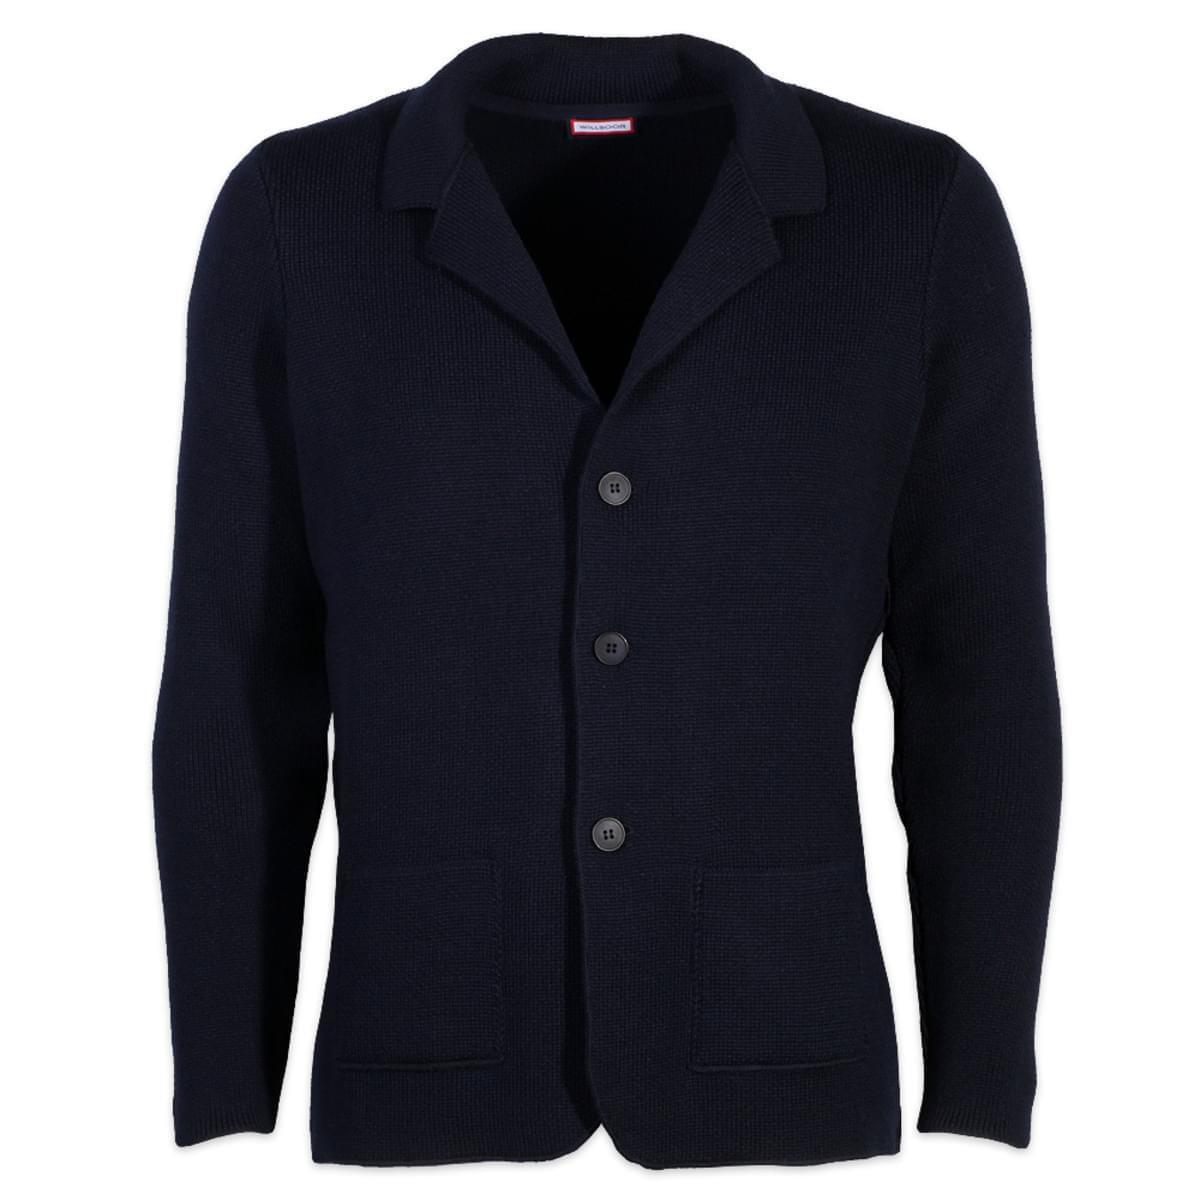 Pánský svetr Willsoor 6025 na knoflíky ve tmavě modré barvě - Willsoor 9998bb73ac